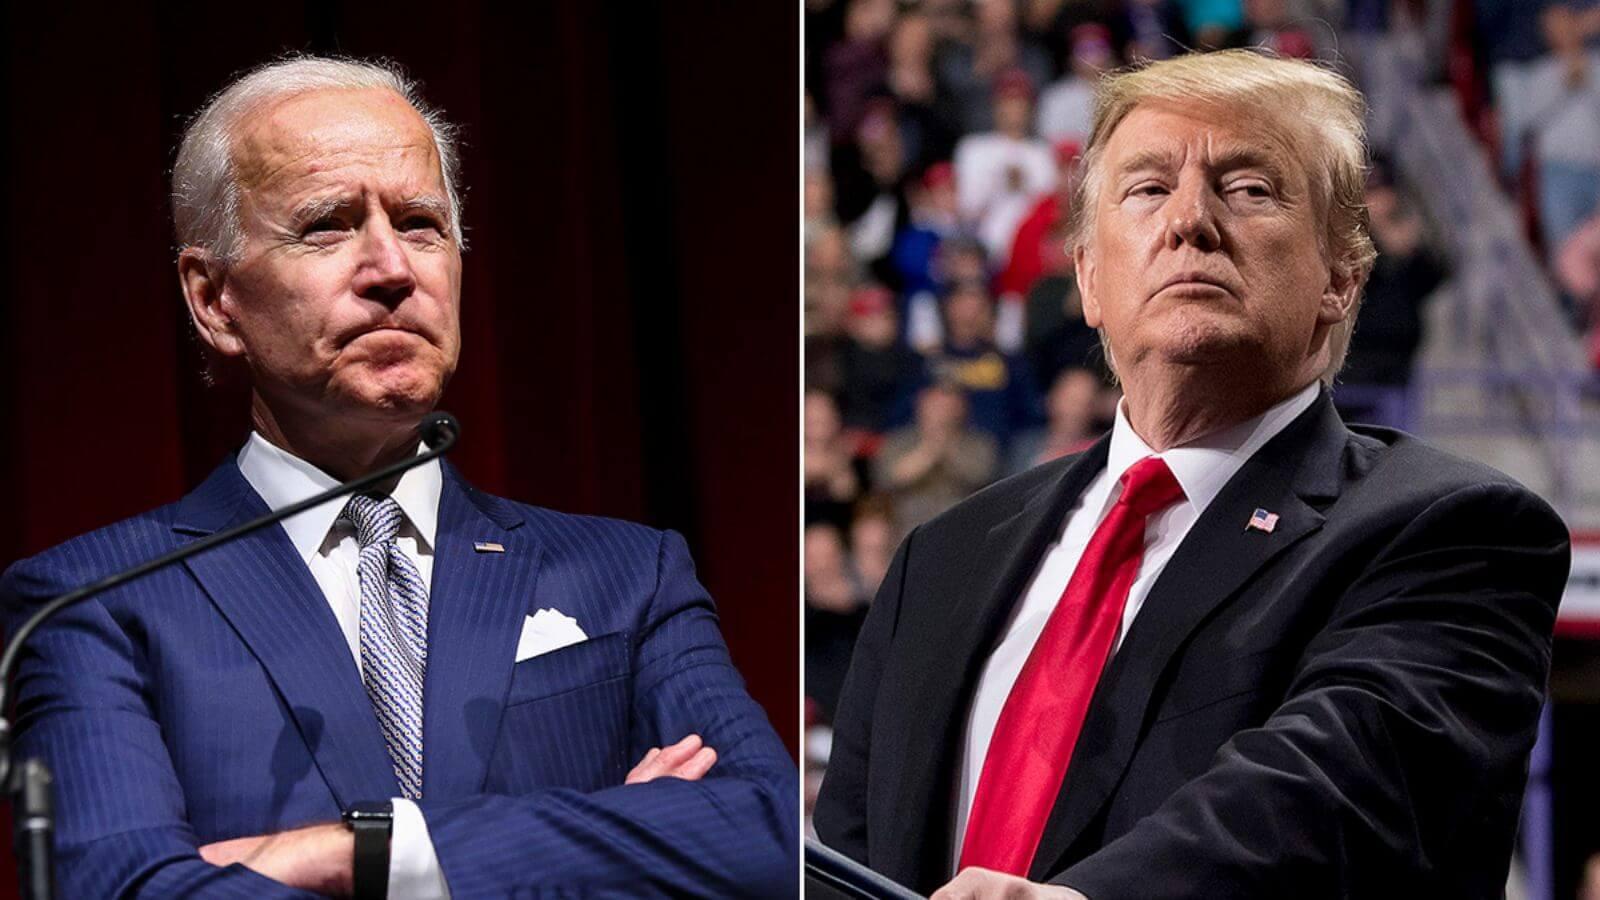 Joe bidden vs donald trump